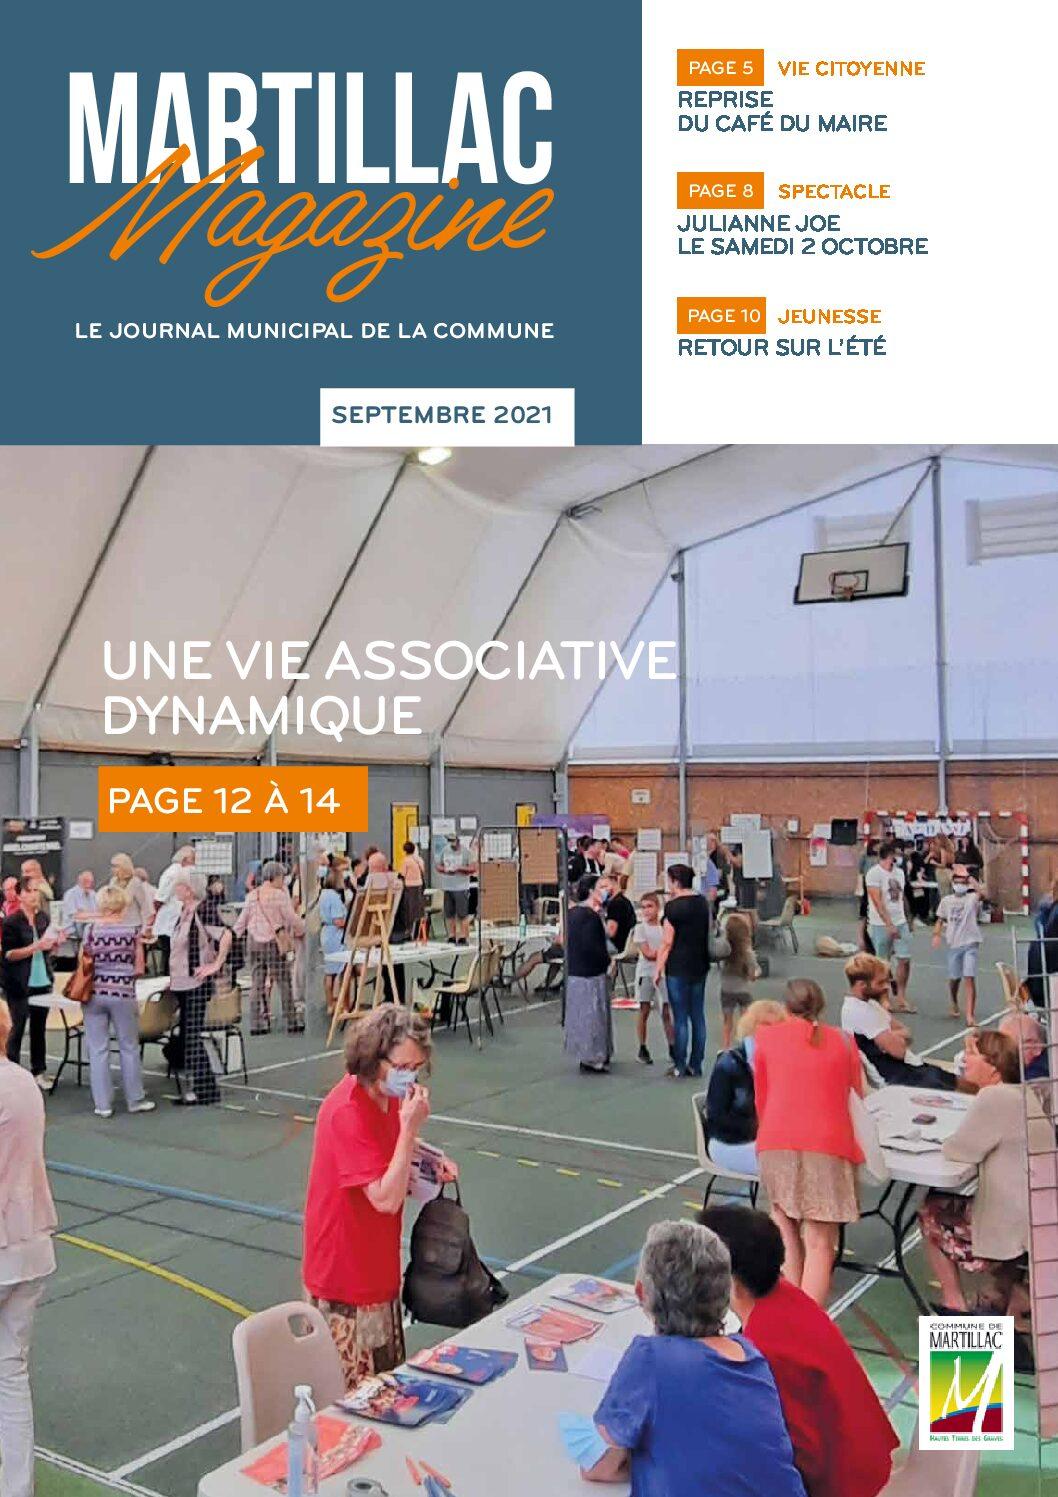 Le Martillac Magazine de septembre arrive dans vos boîtes aux letrres.